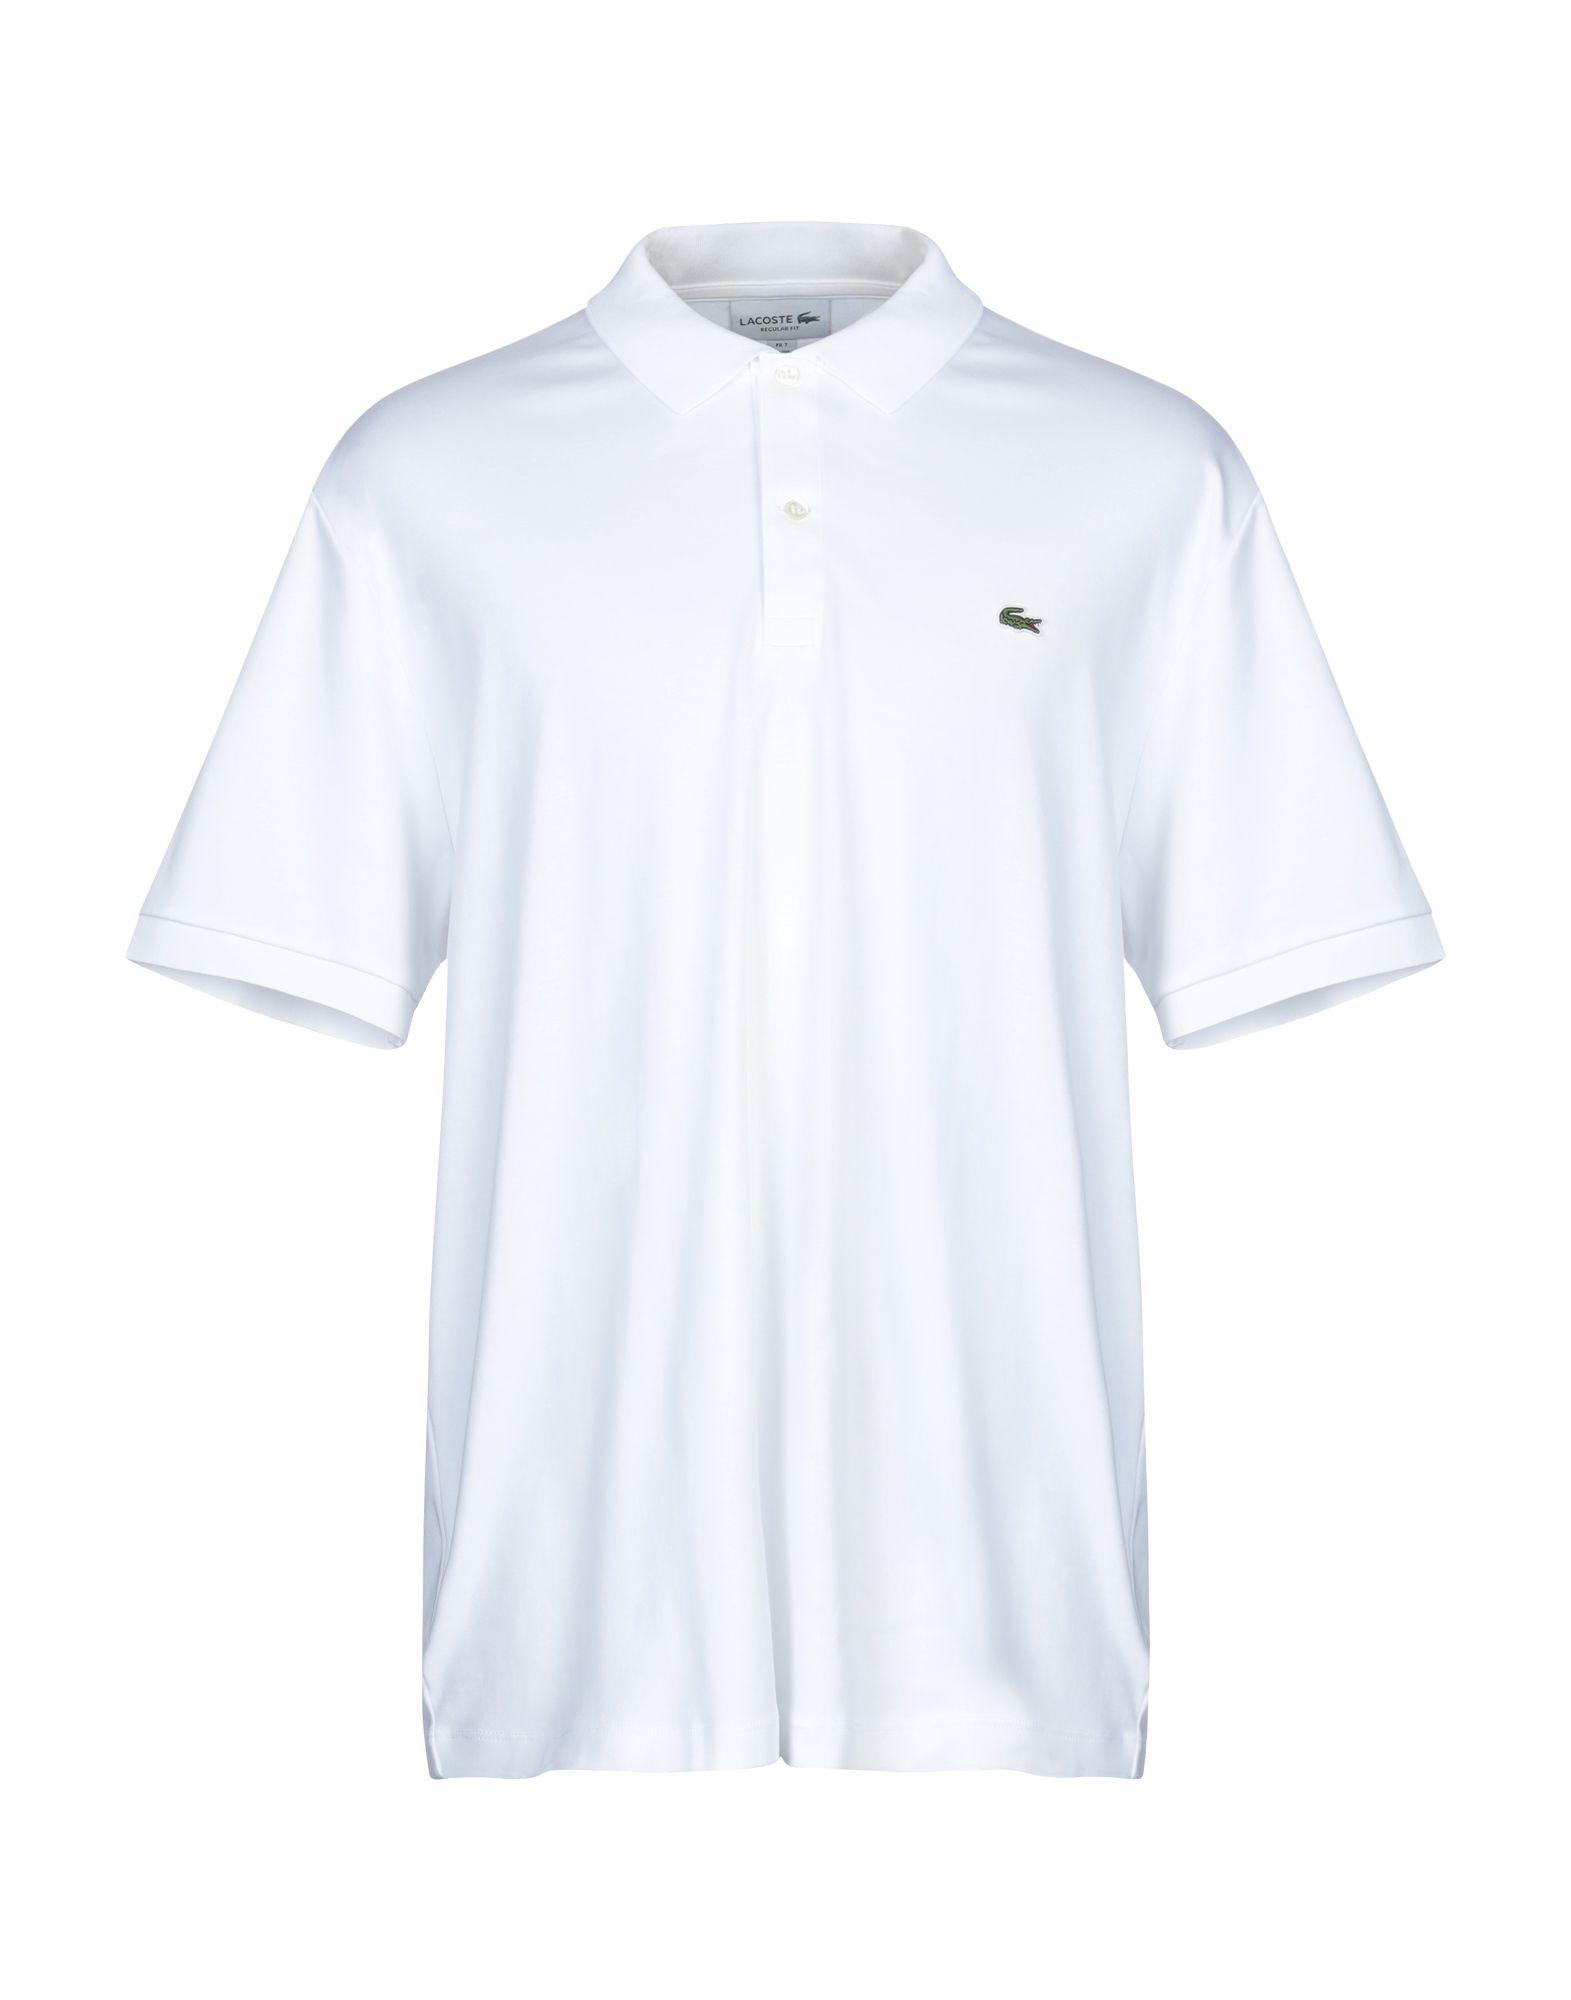 《送料無料》LACOSTE メンズ スウェットシャツ ホワイト 7 コットン 100%